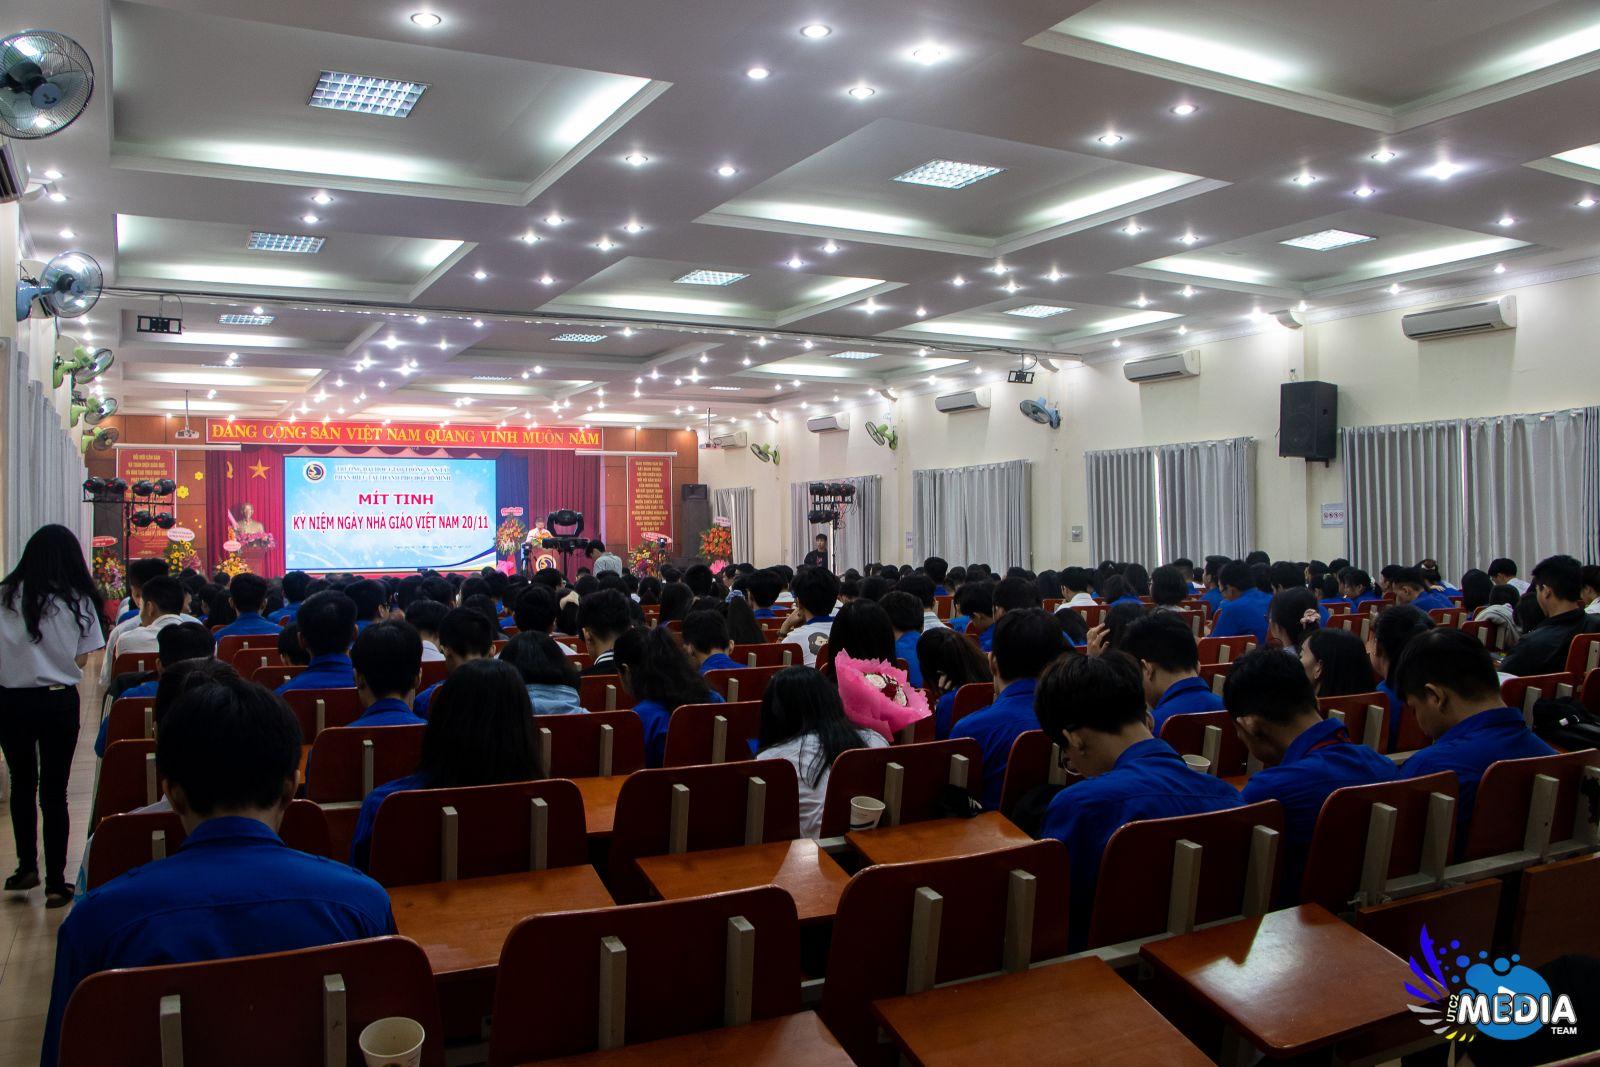 Mít tinh Kỷ niệm 38 năm Ngày Nhà giáo Việt Nam